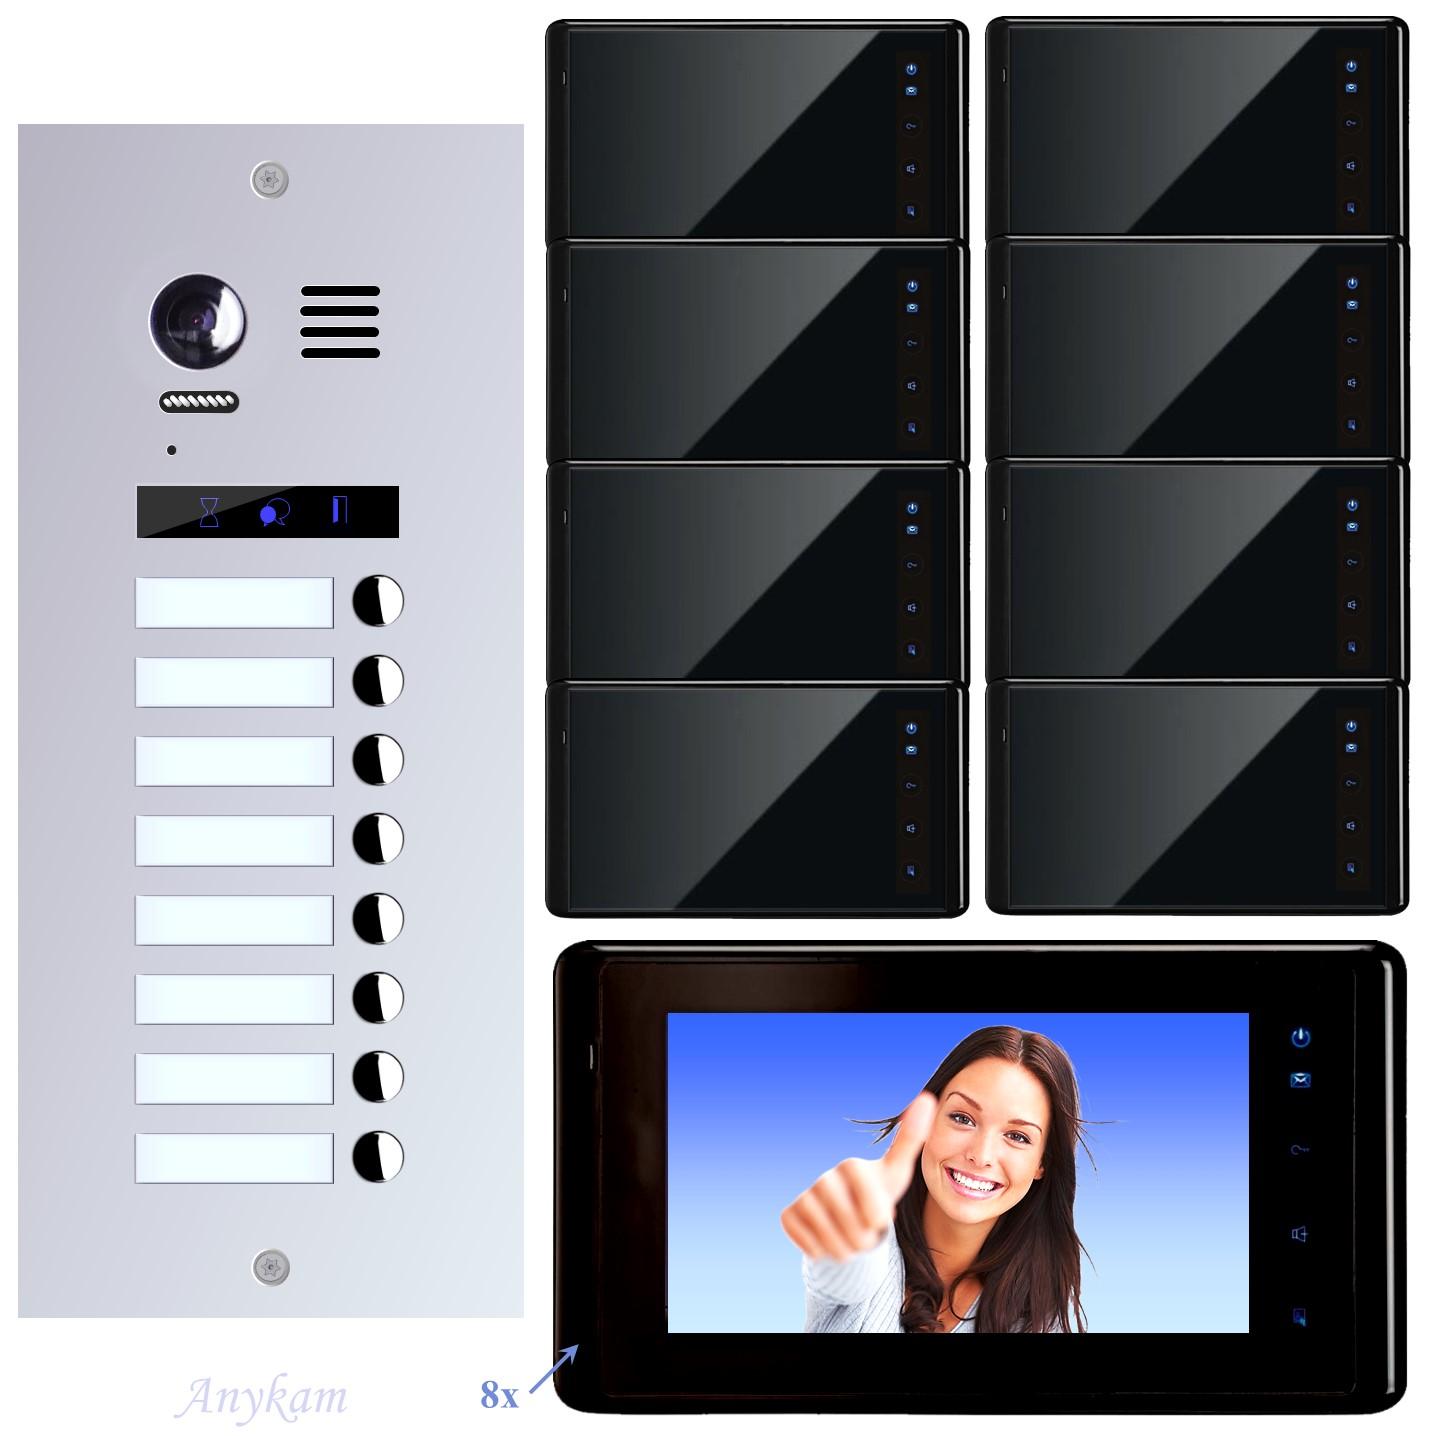 es8 dt27b video t r sprechanlage videosprechanlage 8 familienhaus 2 draht. Black Bedroom Furniture Sets. Home Design Ideas